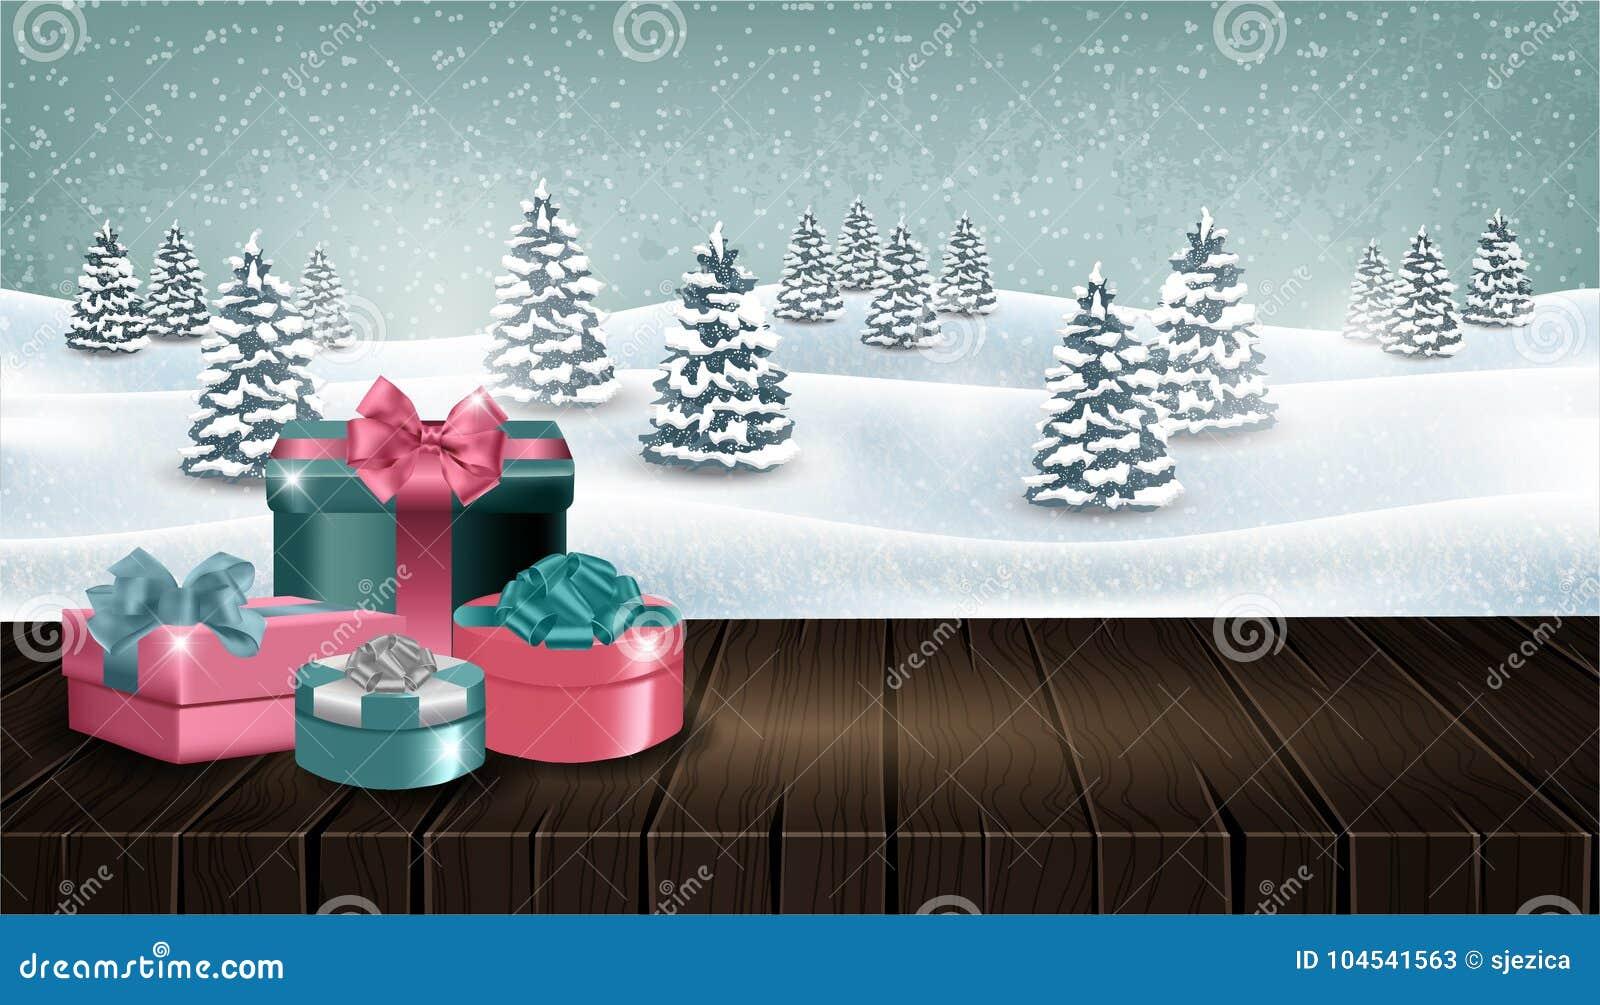 Houten lijst met giftboxes voor de winter boslandschap